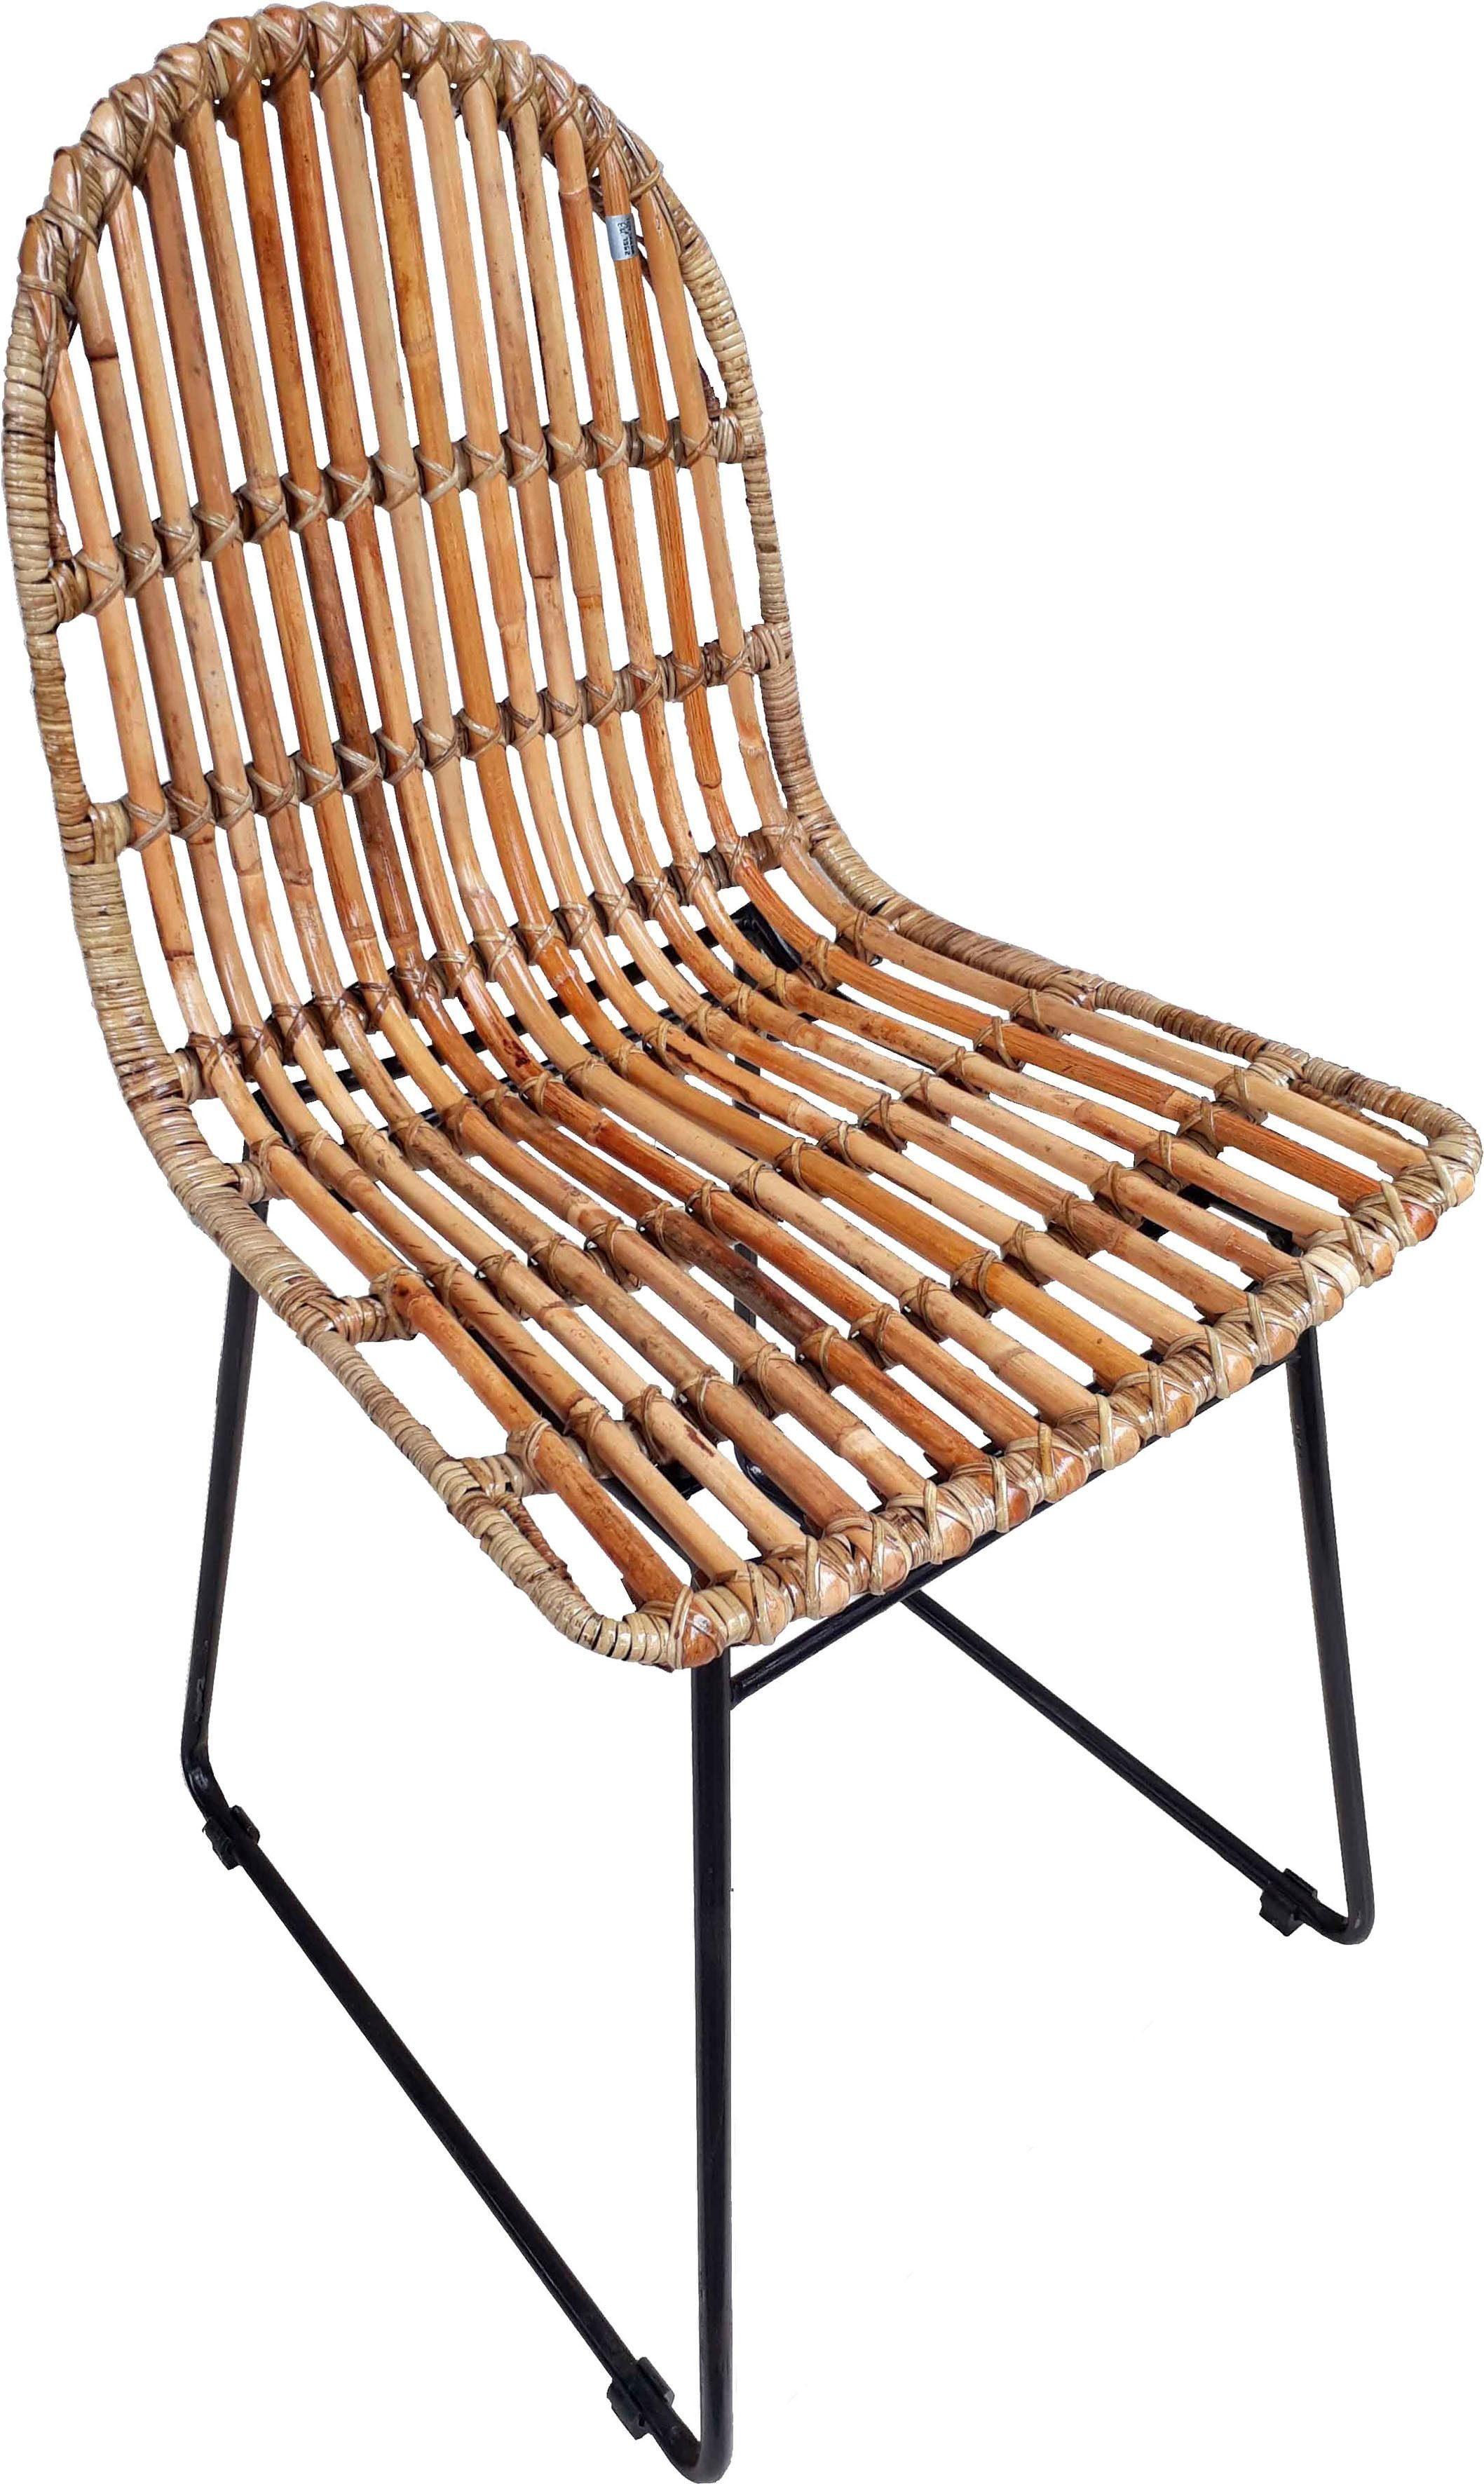 SIT Stühle »Rattan Vintage« mit modernem Kufengestell, 2er-Set